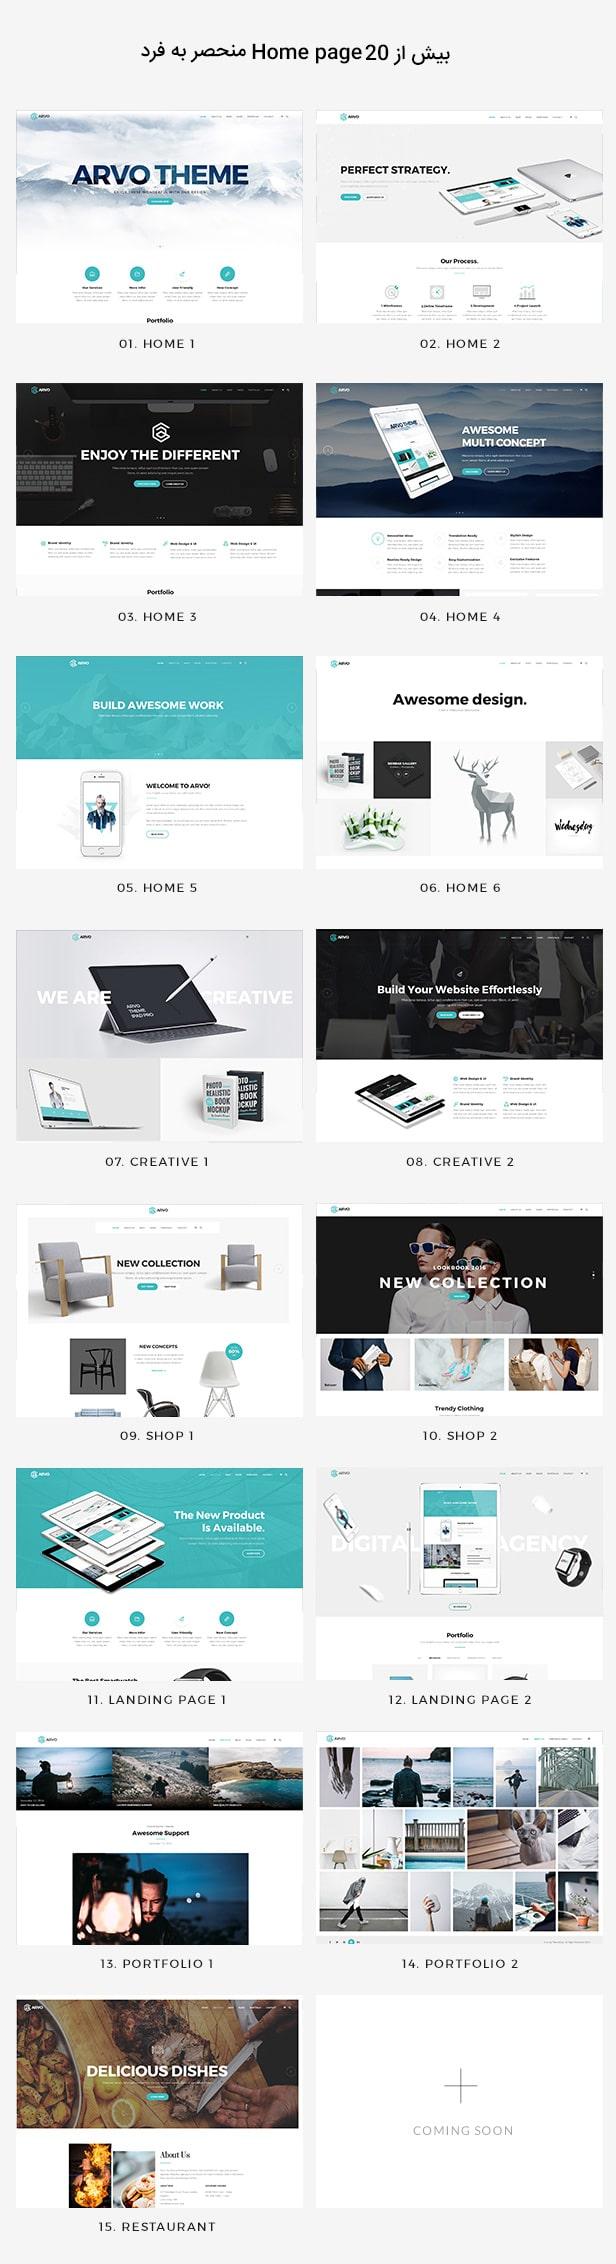 قالب Arvo | قالب چند منظوره Arvo پوسته وردپرس سایت فروشگاهی، شرکتی Arvo | قالب آروو